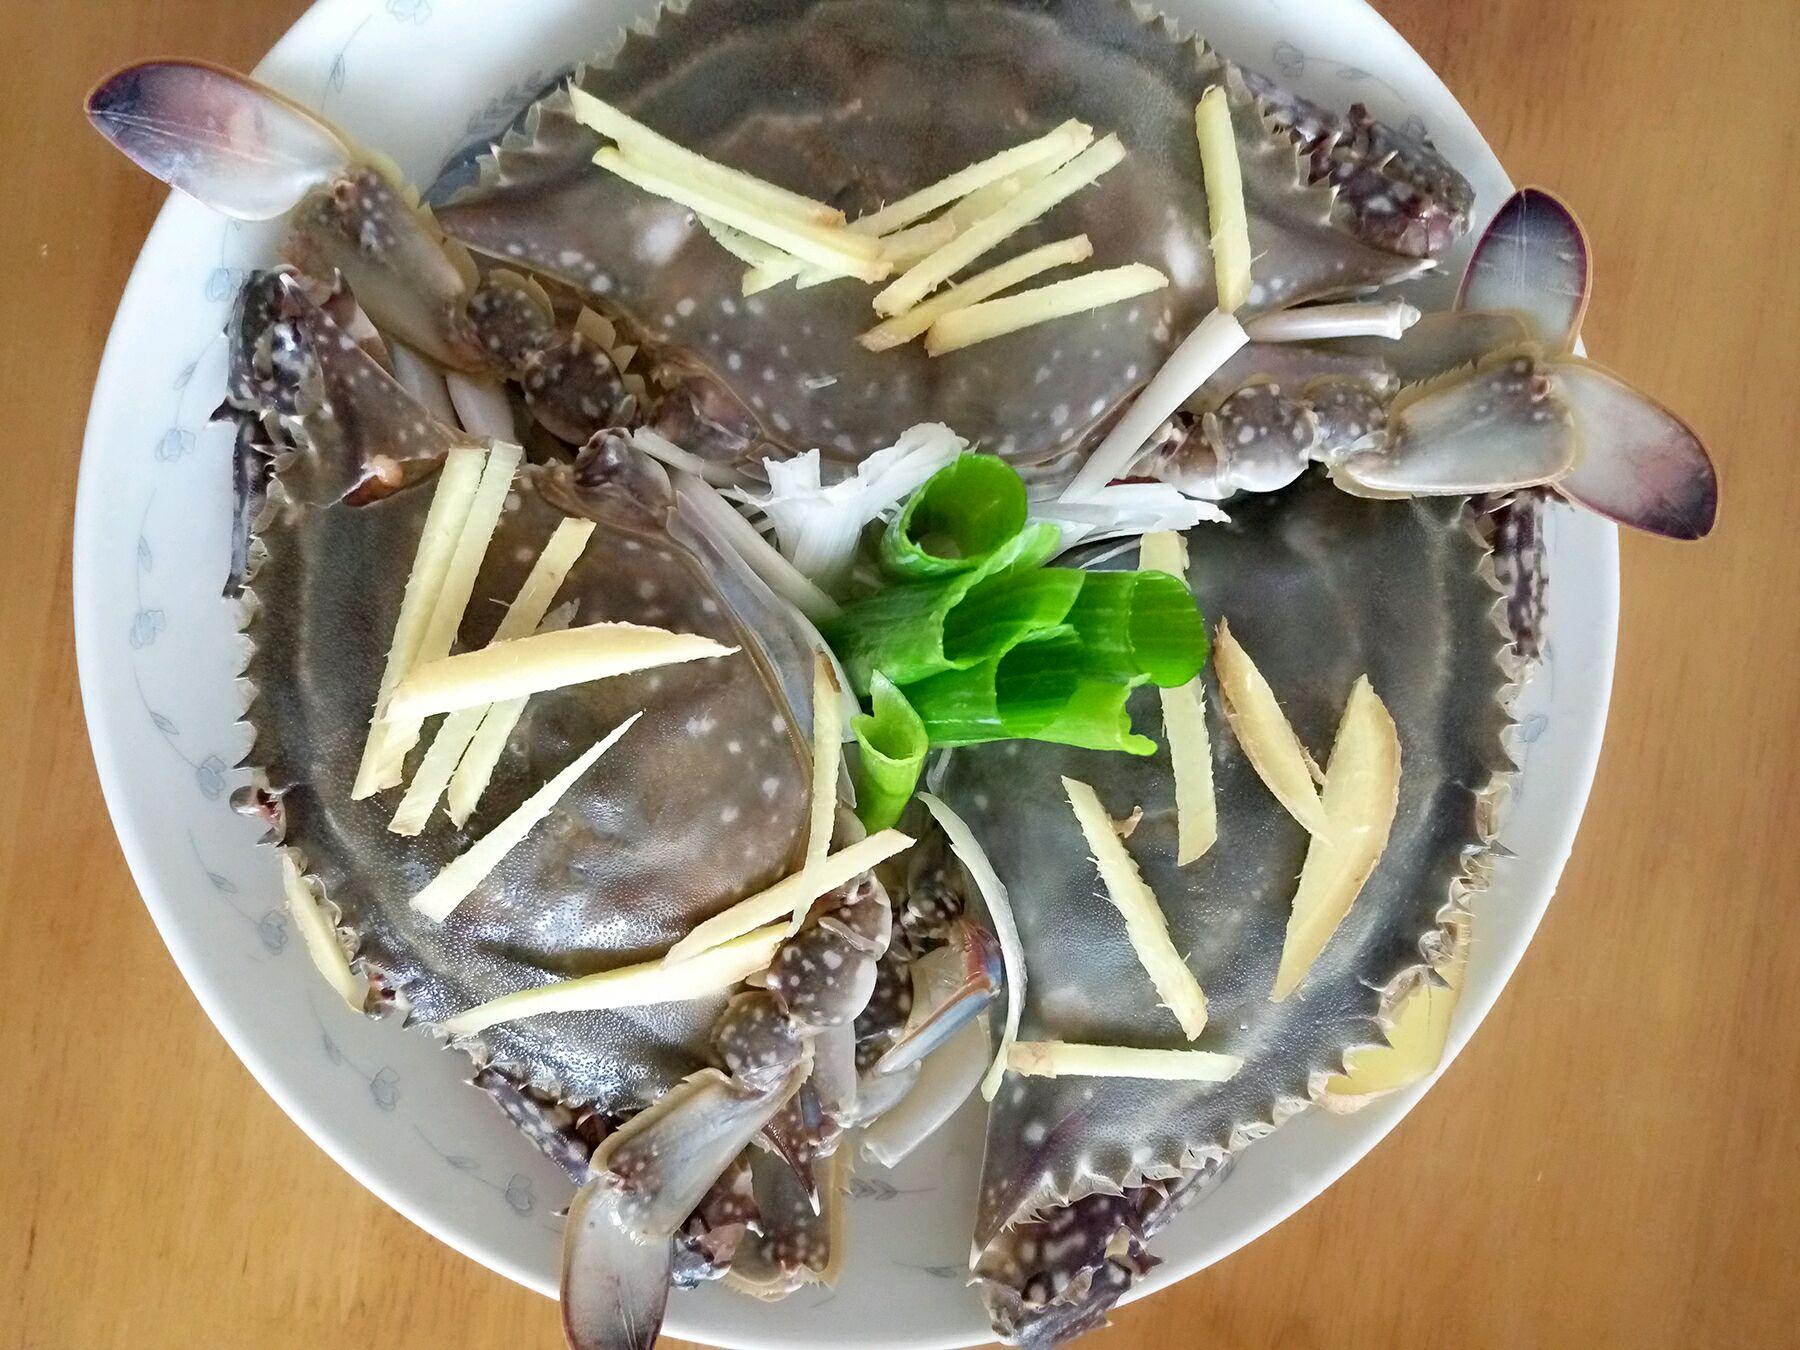 清蒸螃蟹的做法步骤 6. 大锅上水,烧开.放入螃蟹,15-20分钟即可.